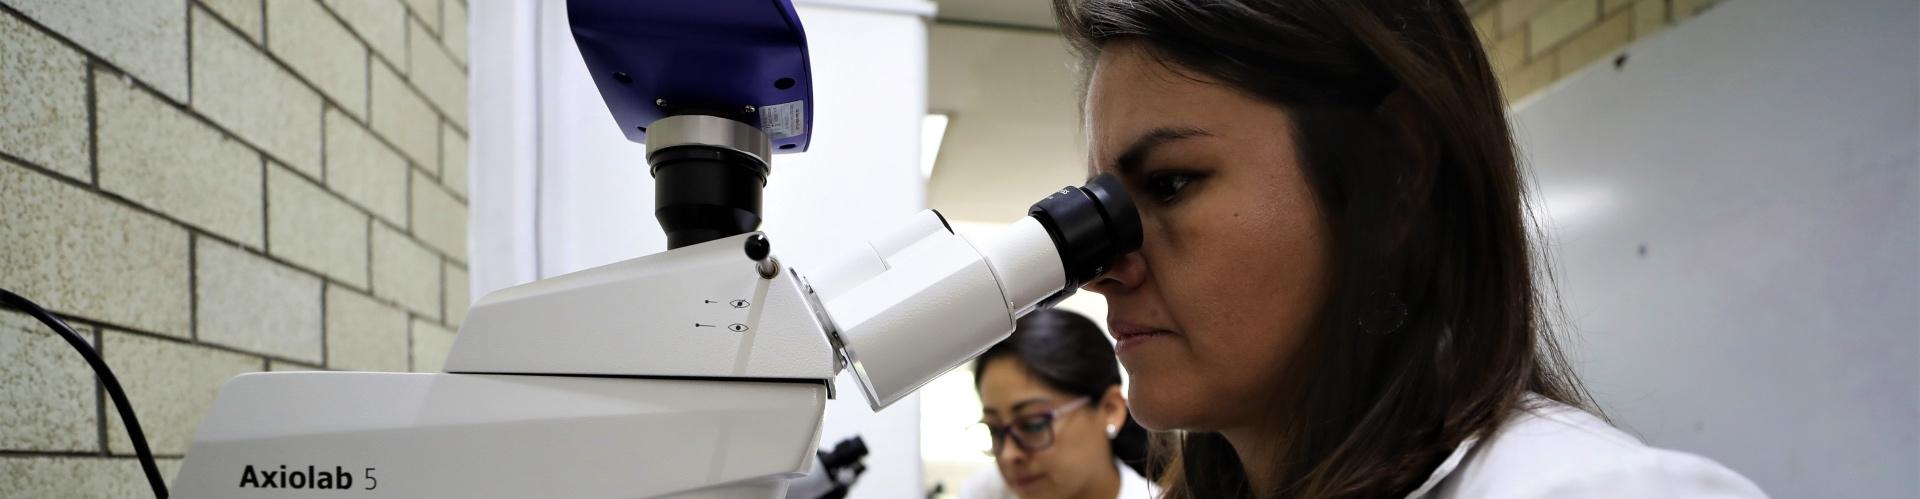 Necesario promover la investigación sobre enfermedades raras: IPN